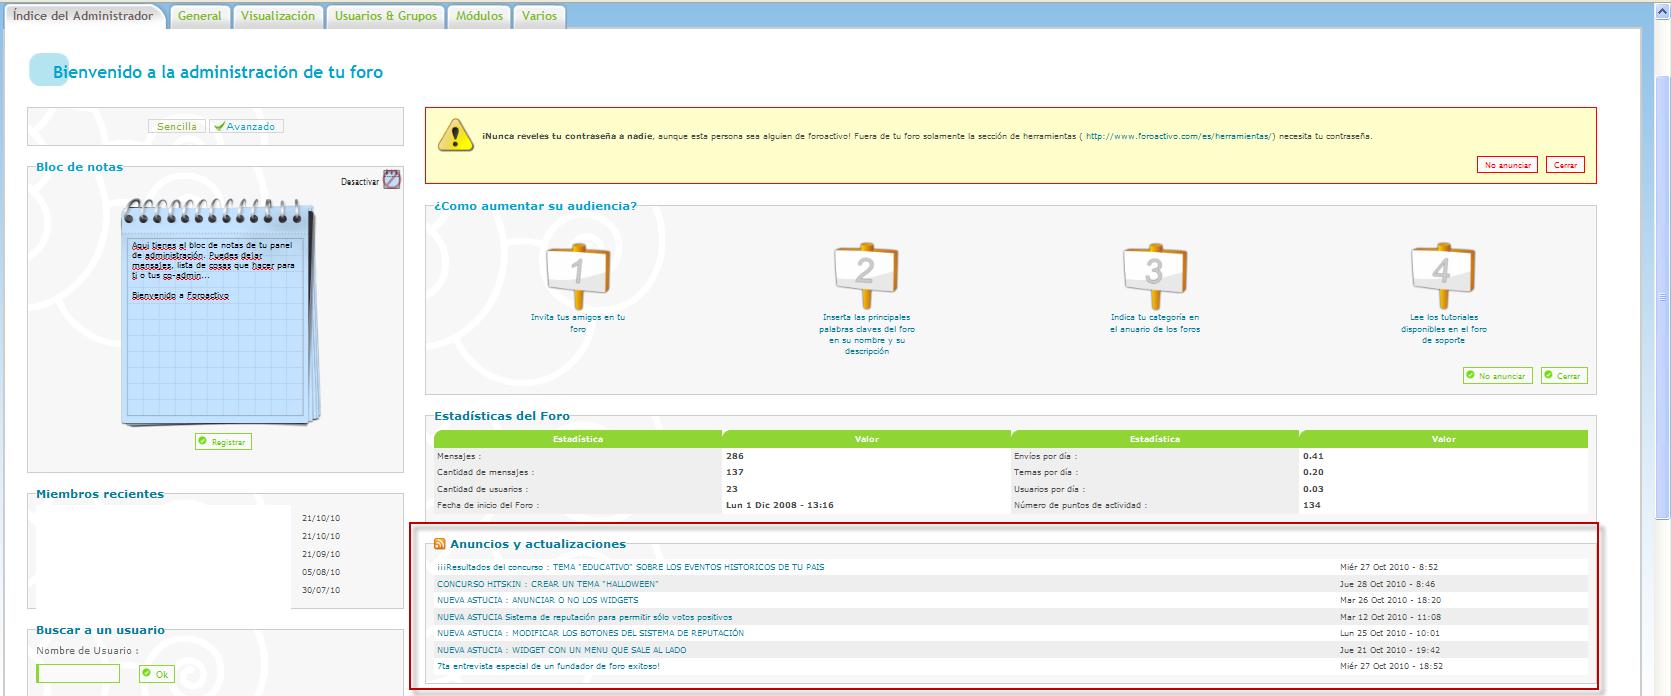 como pueden hacer para que los nuevos tutoriales  o eventos llegen a nuestro email Anun10